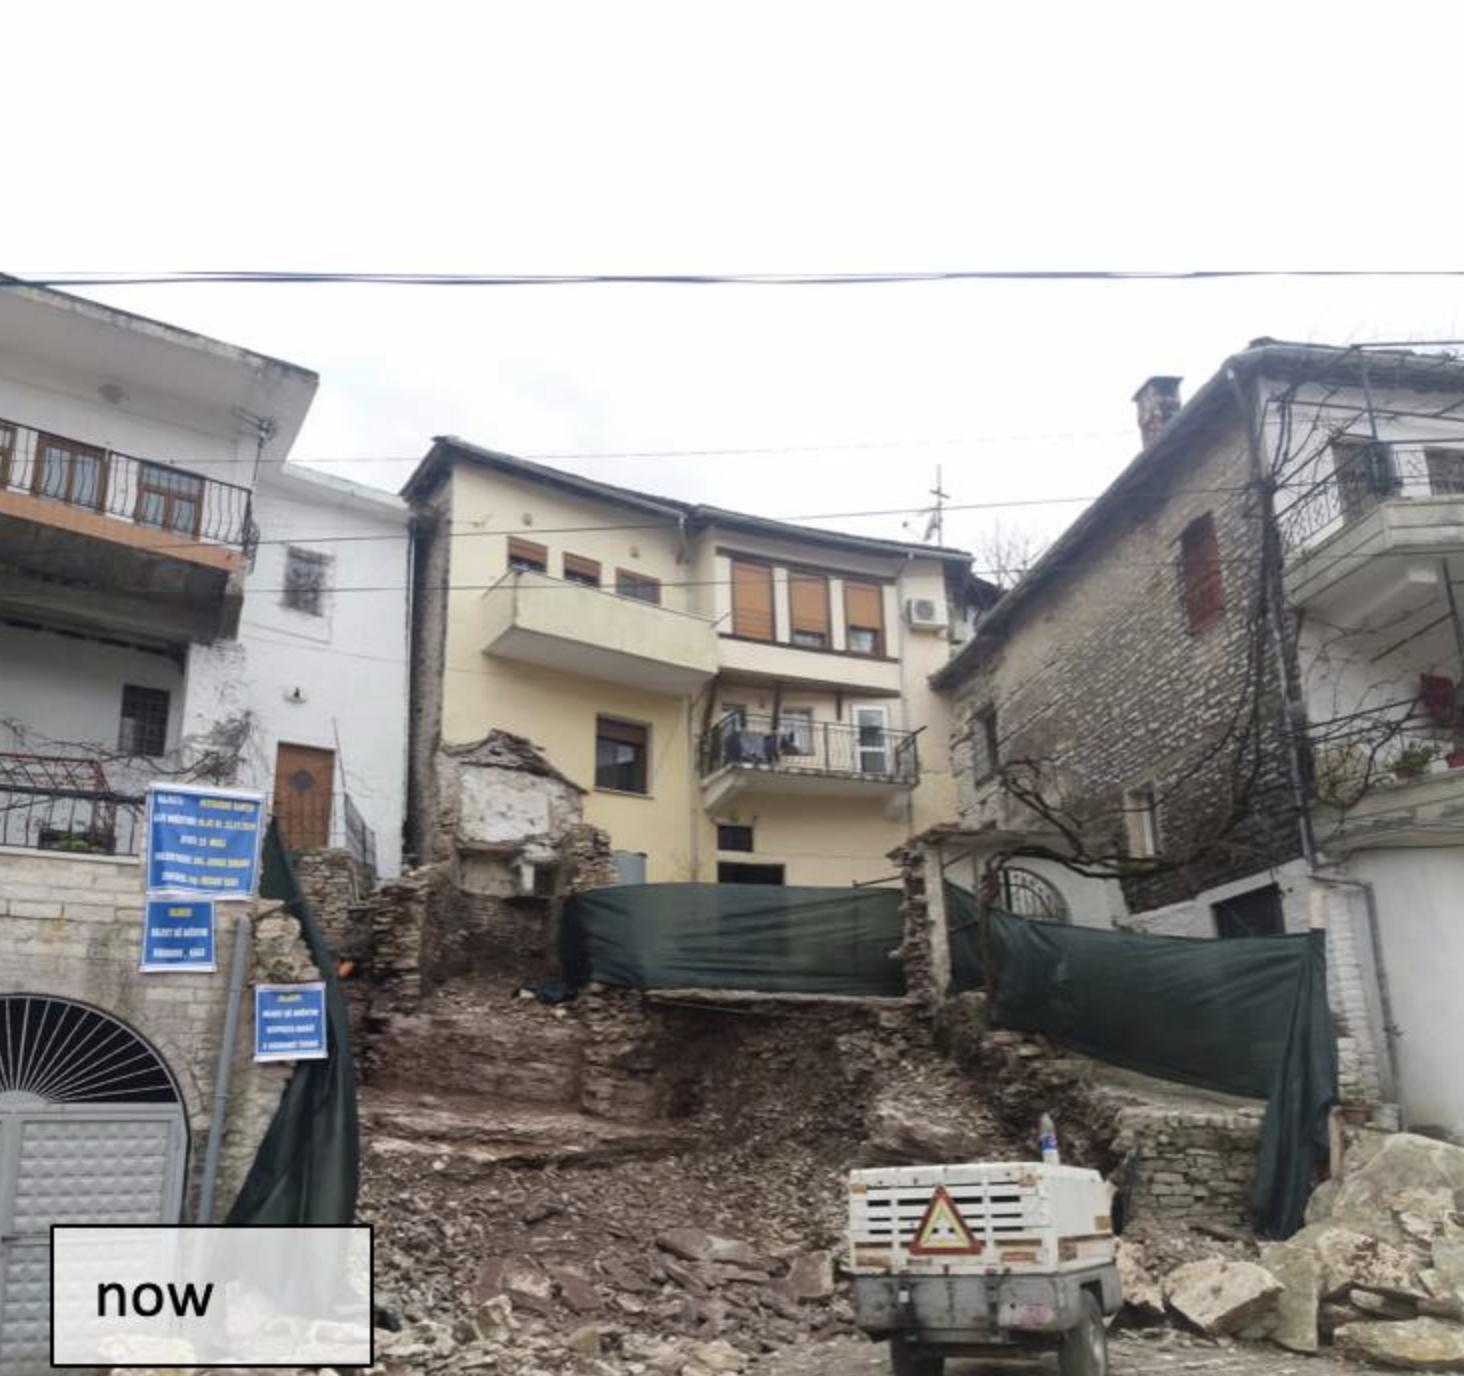 Trashëgimia Kulturore pa Kufij: Shkatërrohet një tjetër monument kulture në Gjirokastër